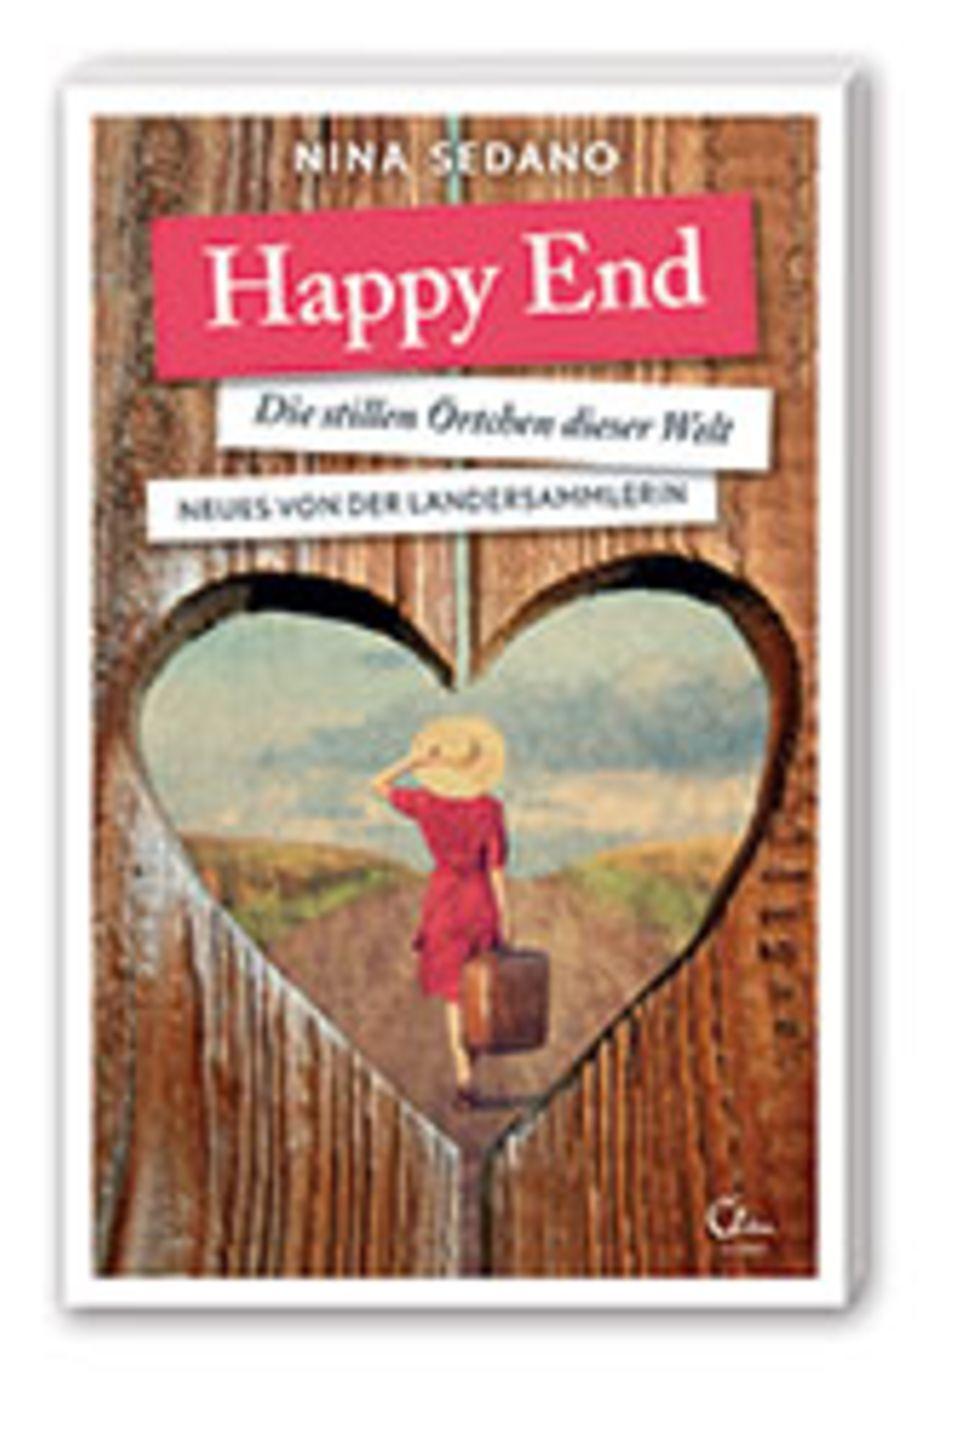 """Interview: Ihre Begegnungen mit den """"stillen Örtchen dieser Welt"""" schildert Nina Sedano in ihrem Buch """"Happy End"""", Eden Books, April 2015, 378 Seiten, 14,95 Euro"""